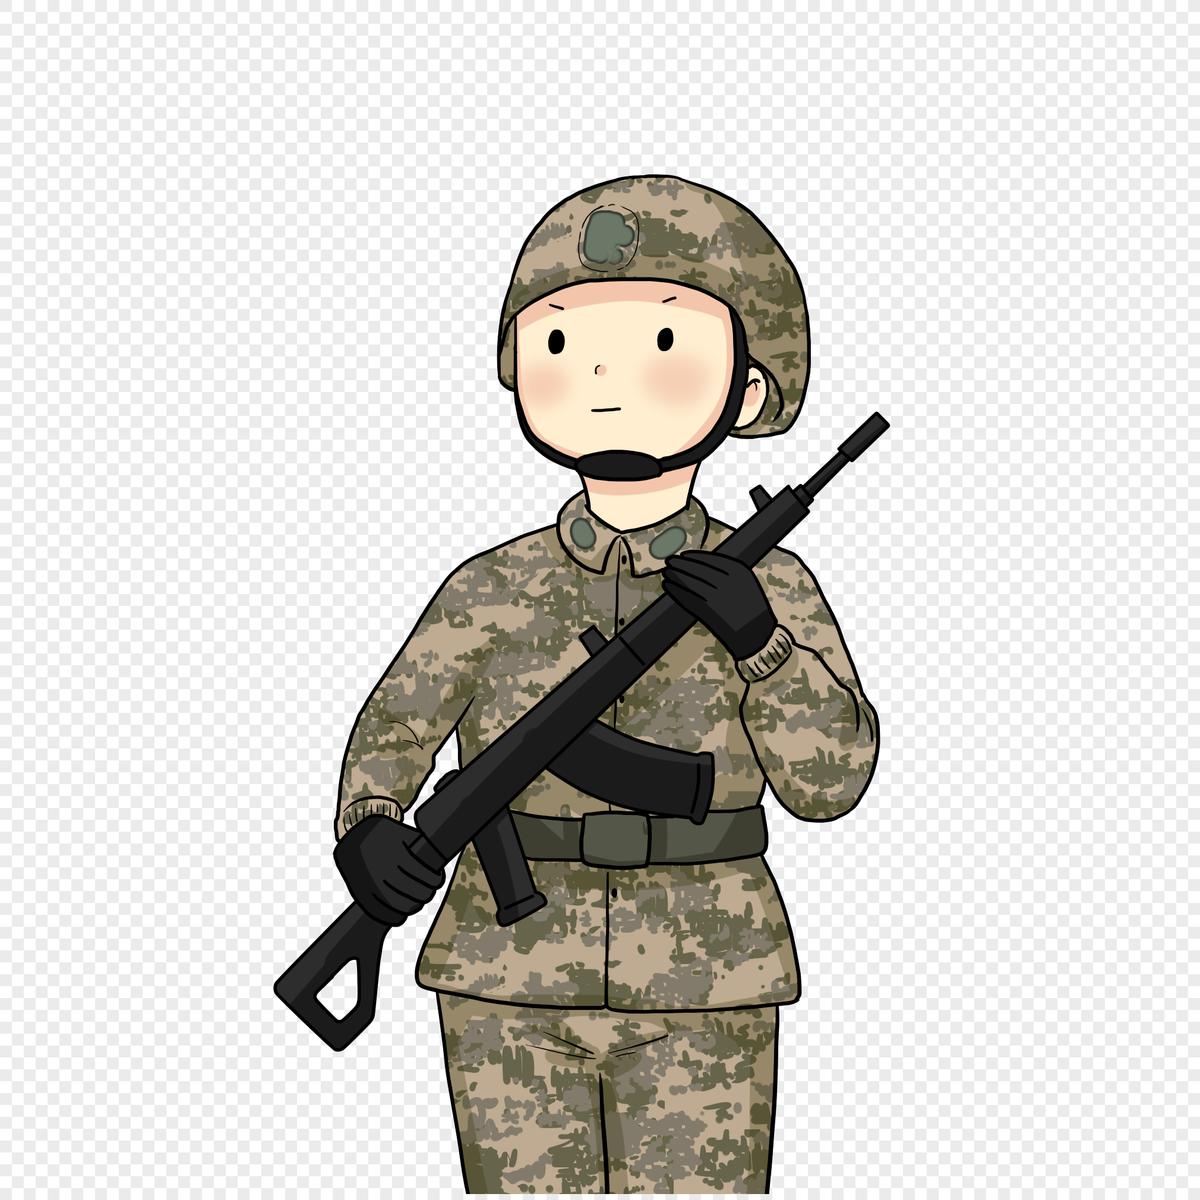 выходные картинки солдата для схем нашем дошкольном